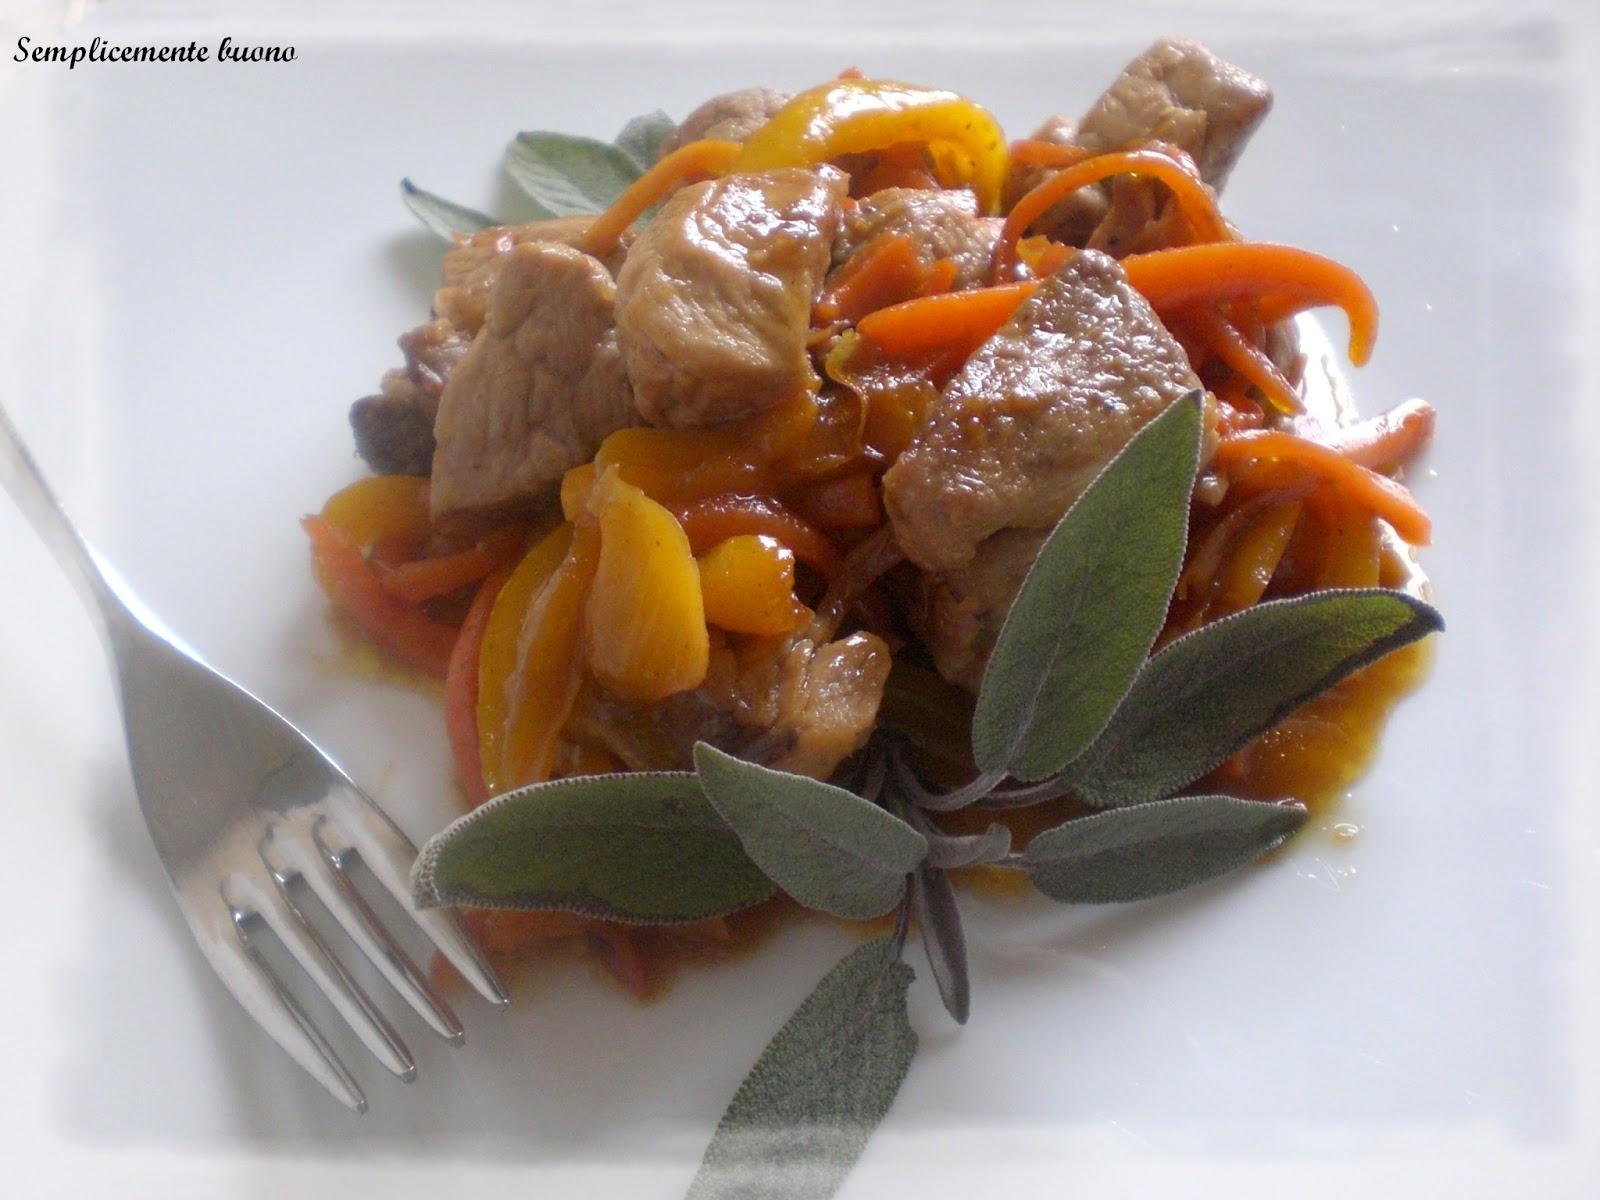 Semplicemente buono bocconcini di maiale con julienne di for Verdure alla julienne